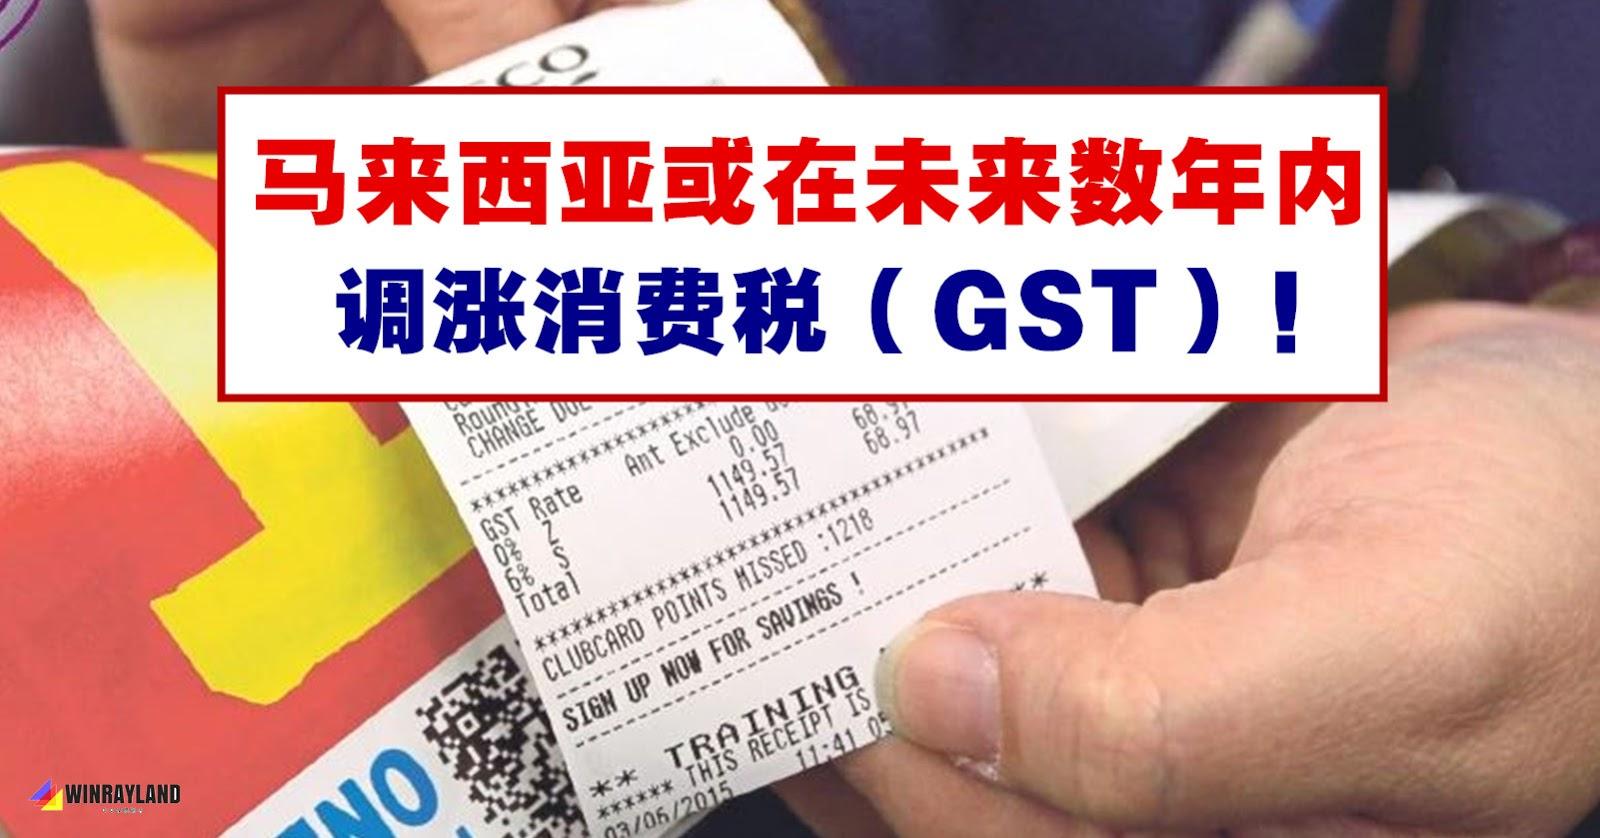 马来西亚或在未来数年内调涨消费税(GST)!